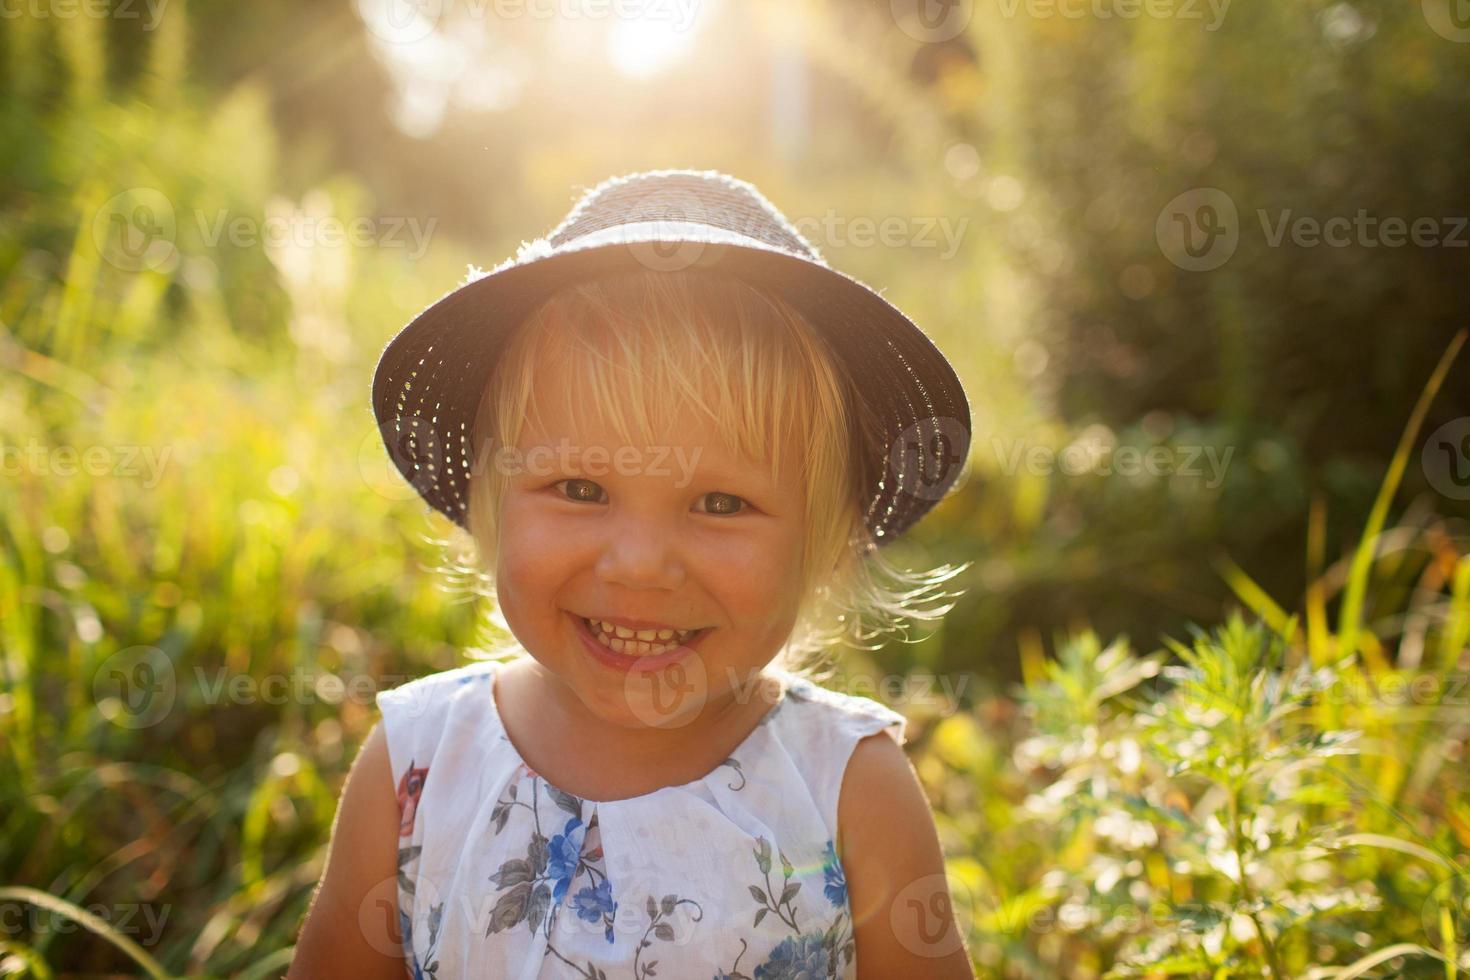 piccola ragazza bionda con un cappello blu foto